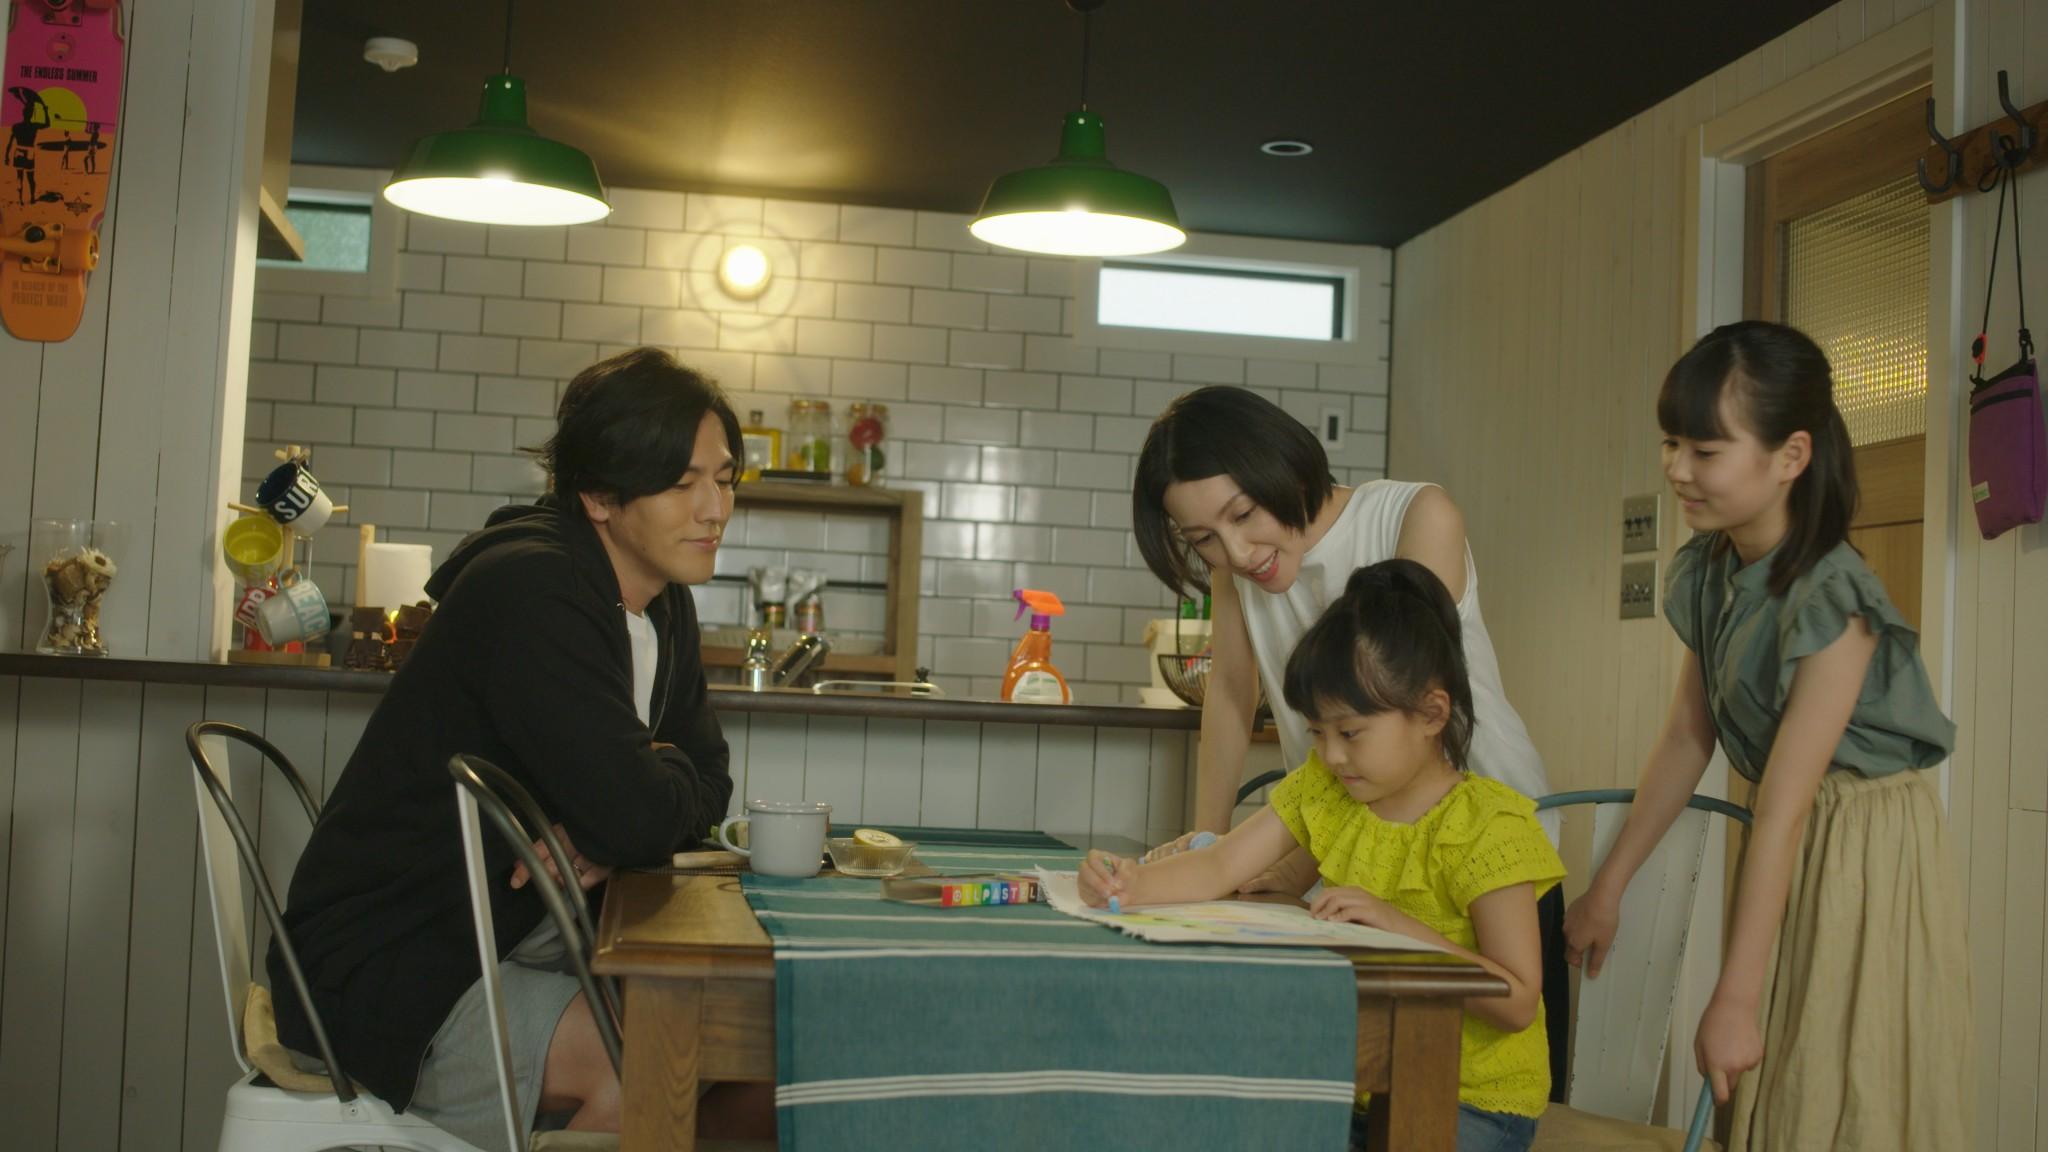 なかまぁるShort Film Contest 2020 短編小説・エッセイの公募開